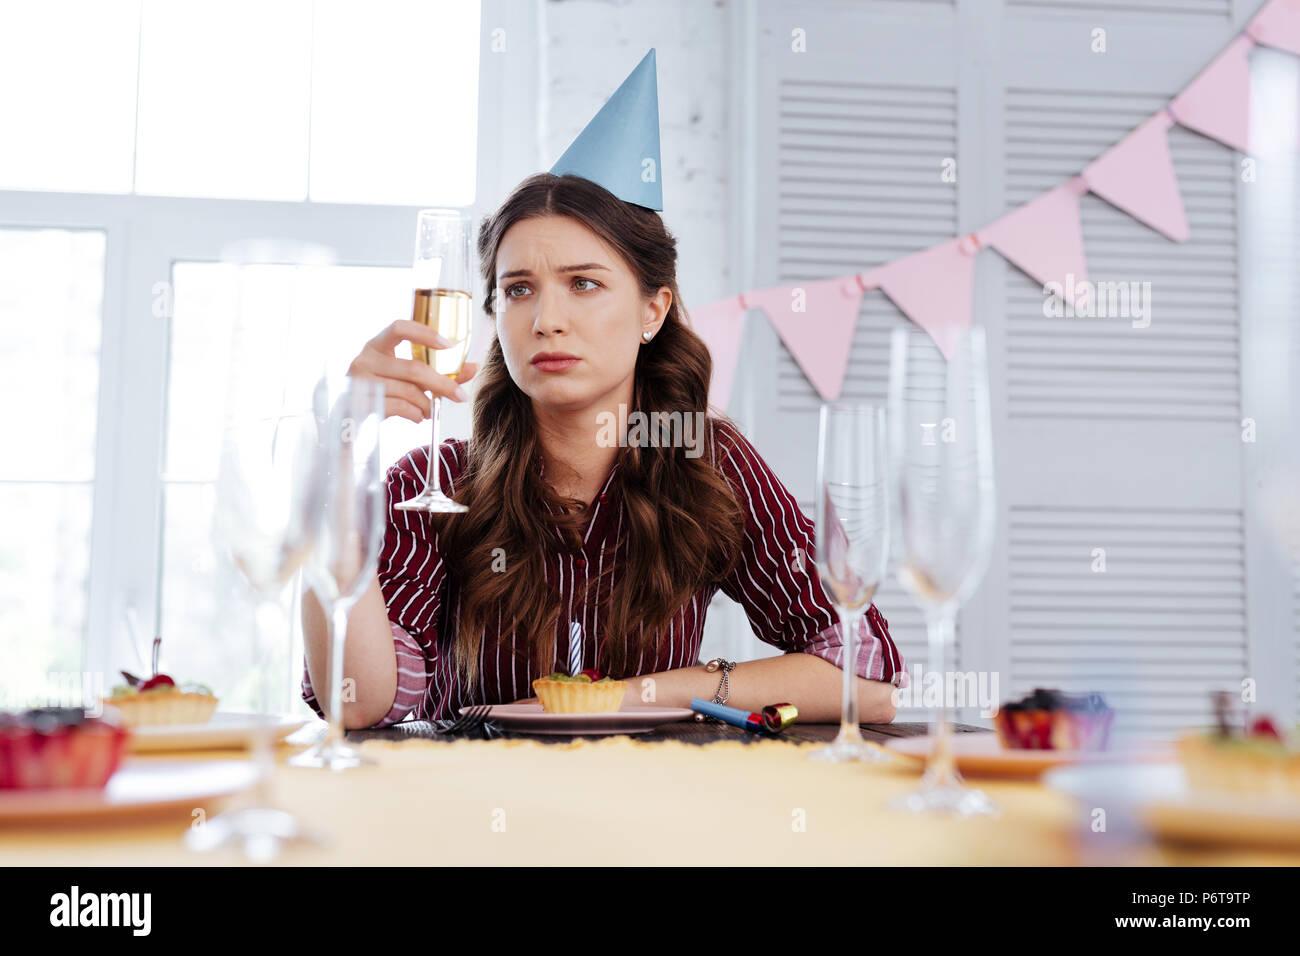 Frau Gefühl pessimistisch an Geburtstagsfeier Stockbild